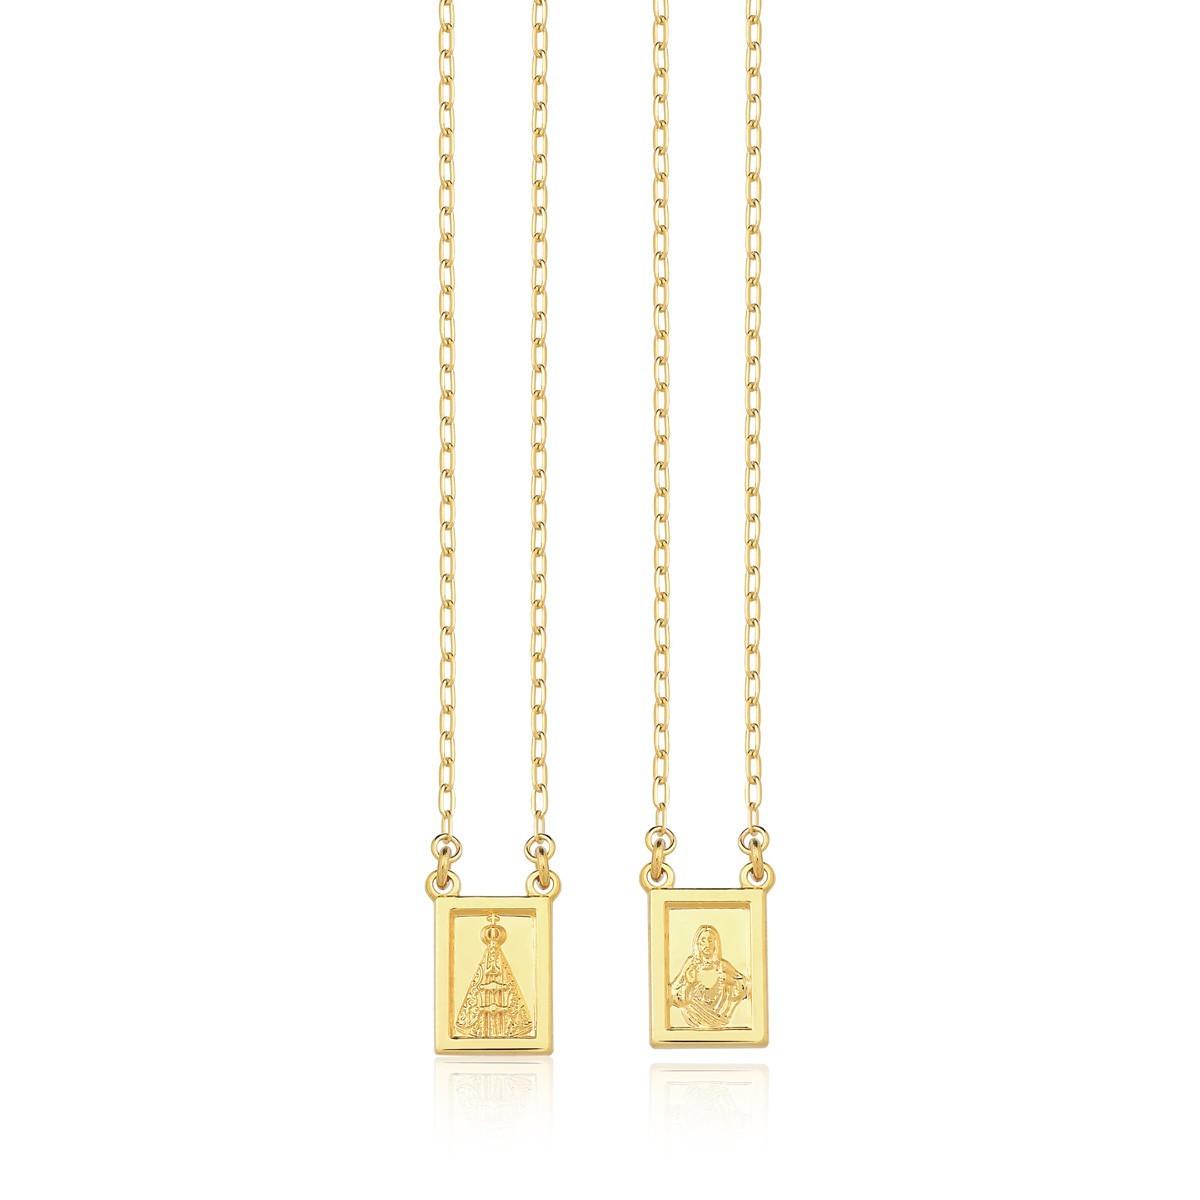 Escapulário de nossa senhora aparecida e sagrado coração de jesus 60cm banhado a ouro 18k